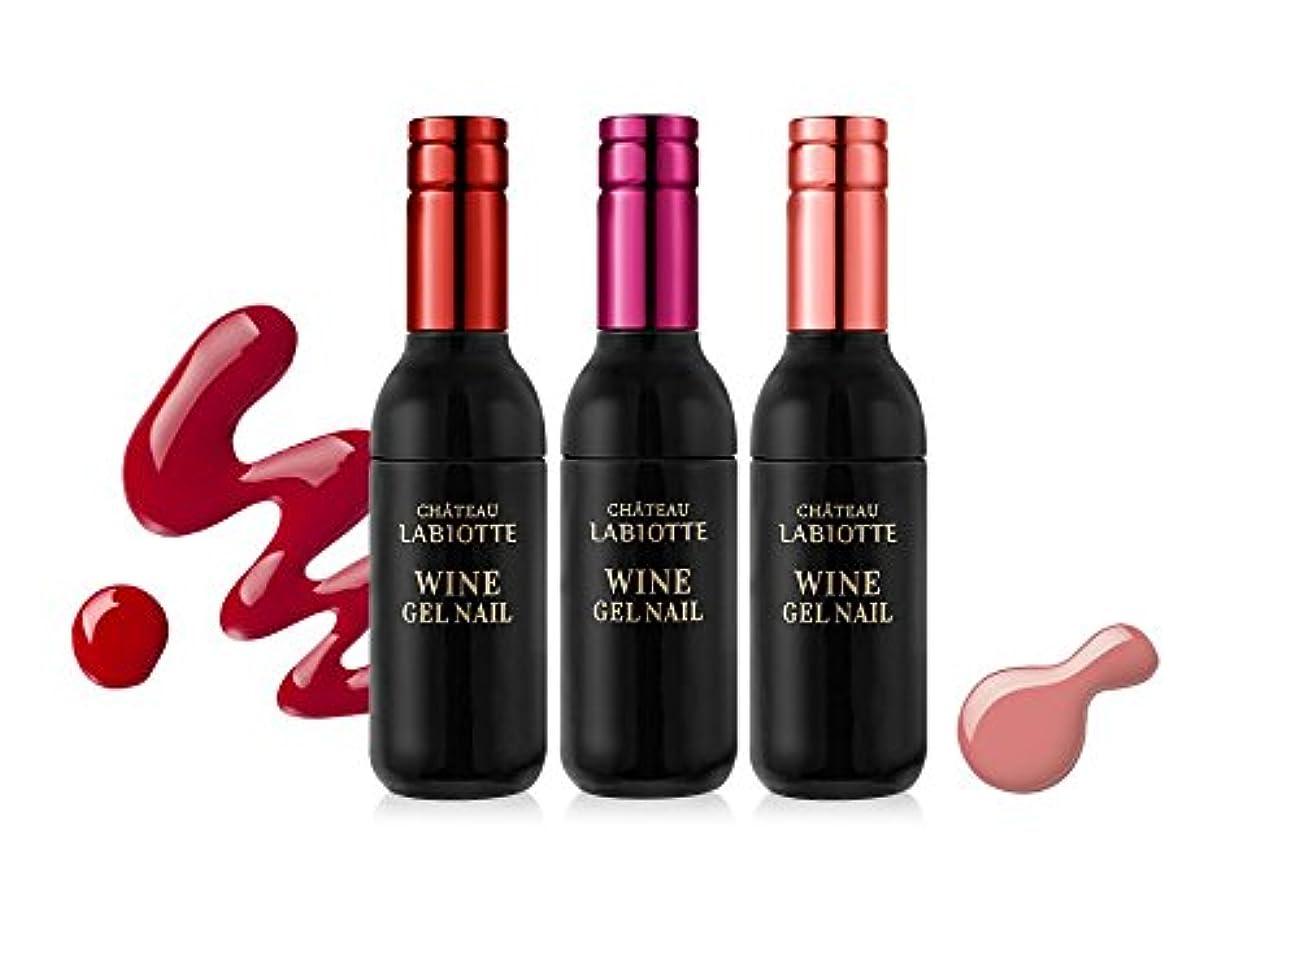 絶対の予防接種保険Labiotte(ラビオトゥ/ラビオッテ) シャトー ラビオッテ ジェルネイル/Chateau Labiotte Wine Gel Nail(10.9g) (BE03. ホーリーヌード) [並行輸入品]